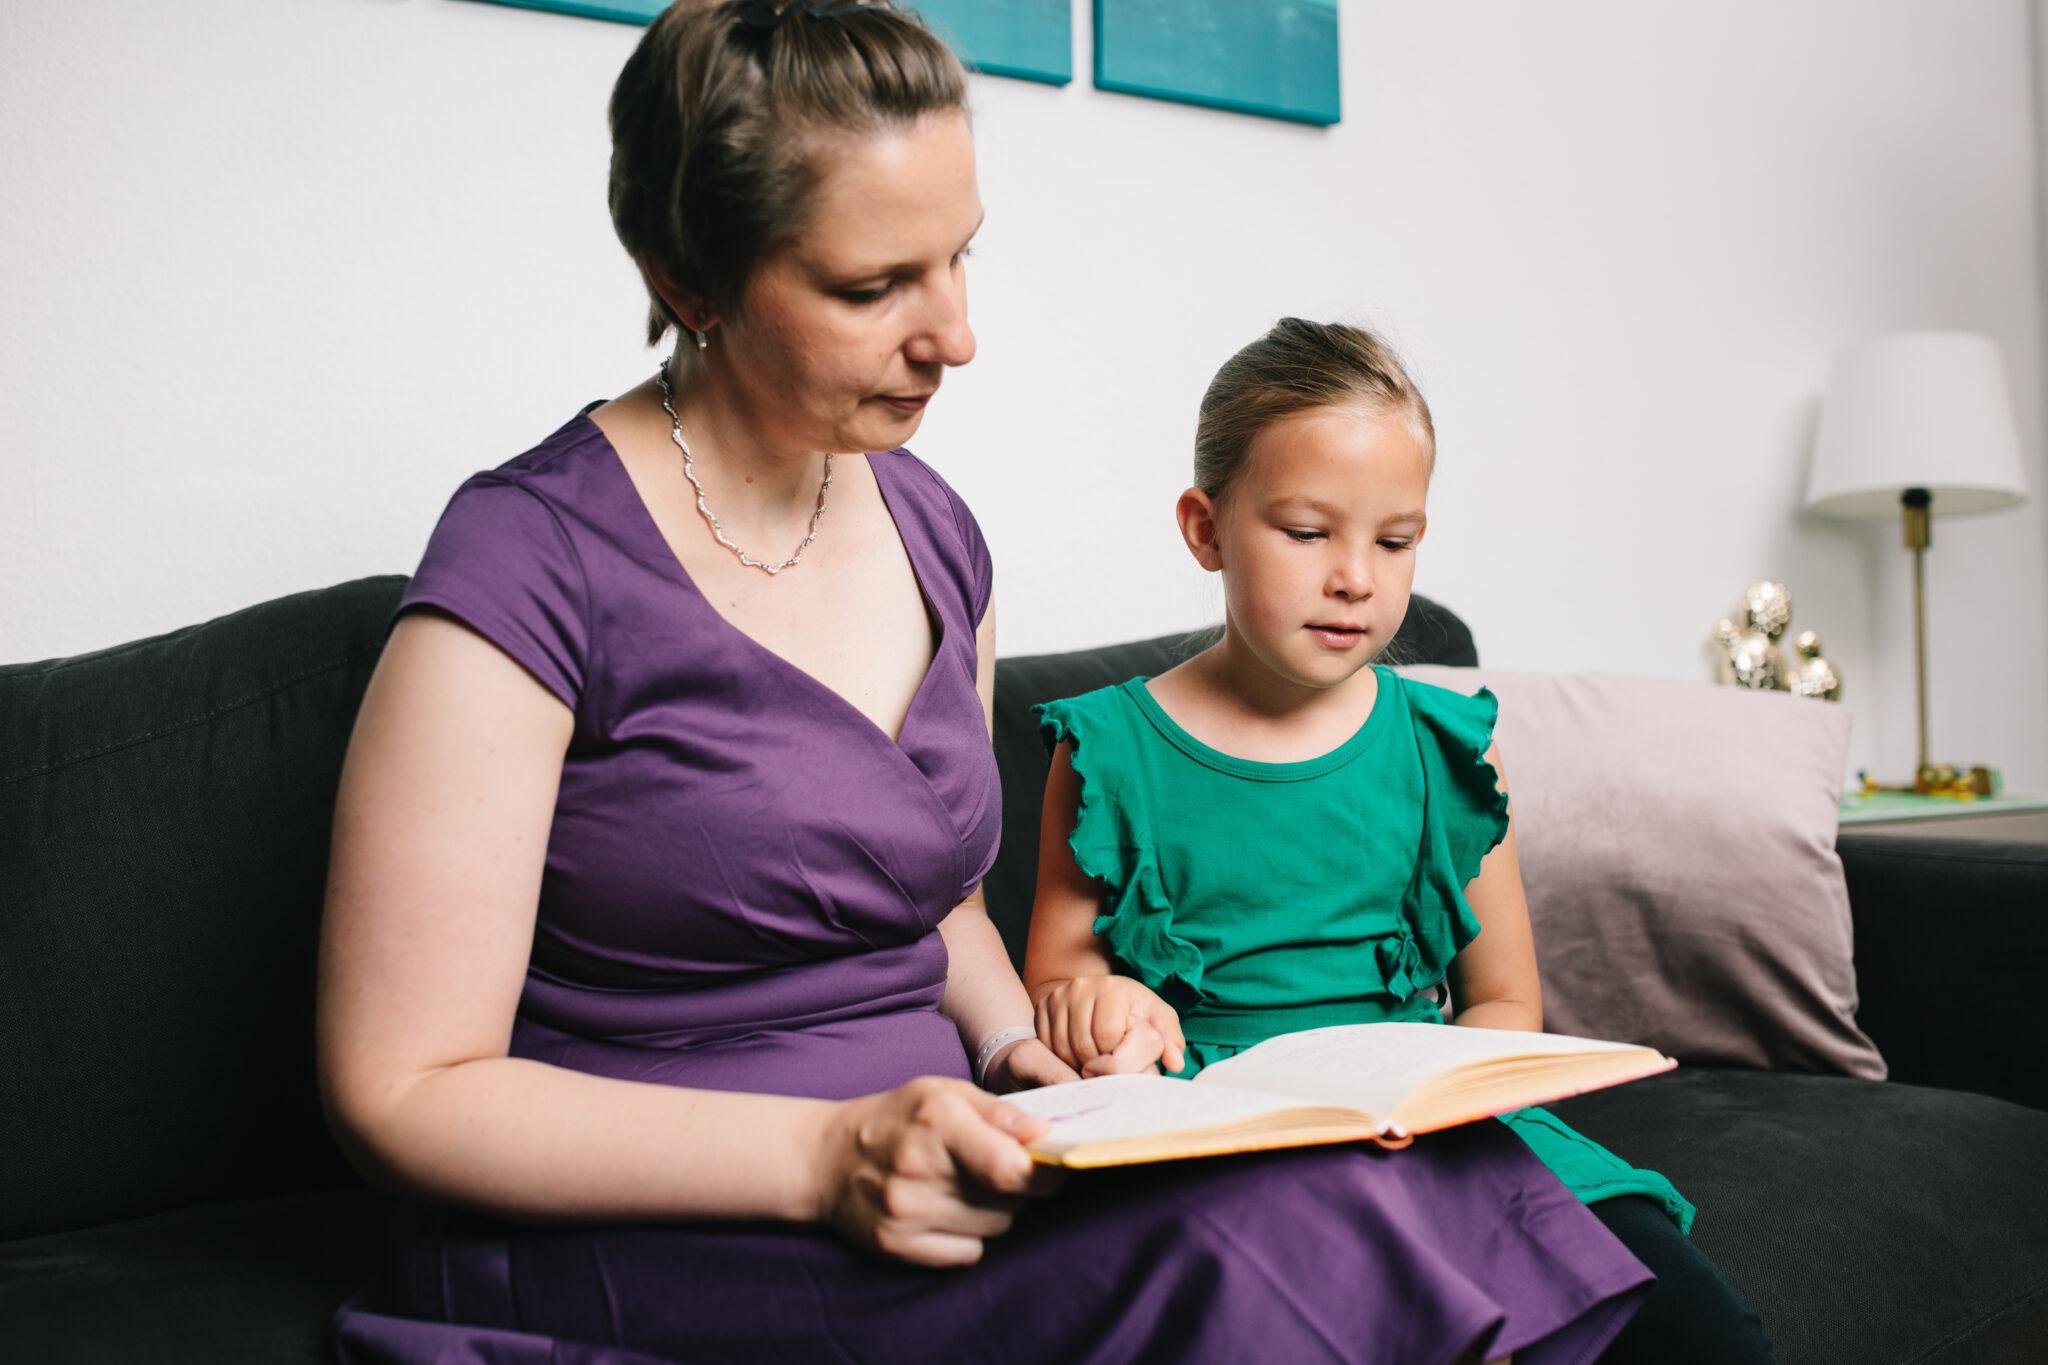 fluessig lesen lernen